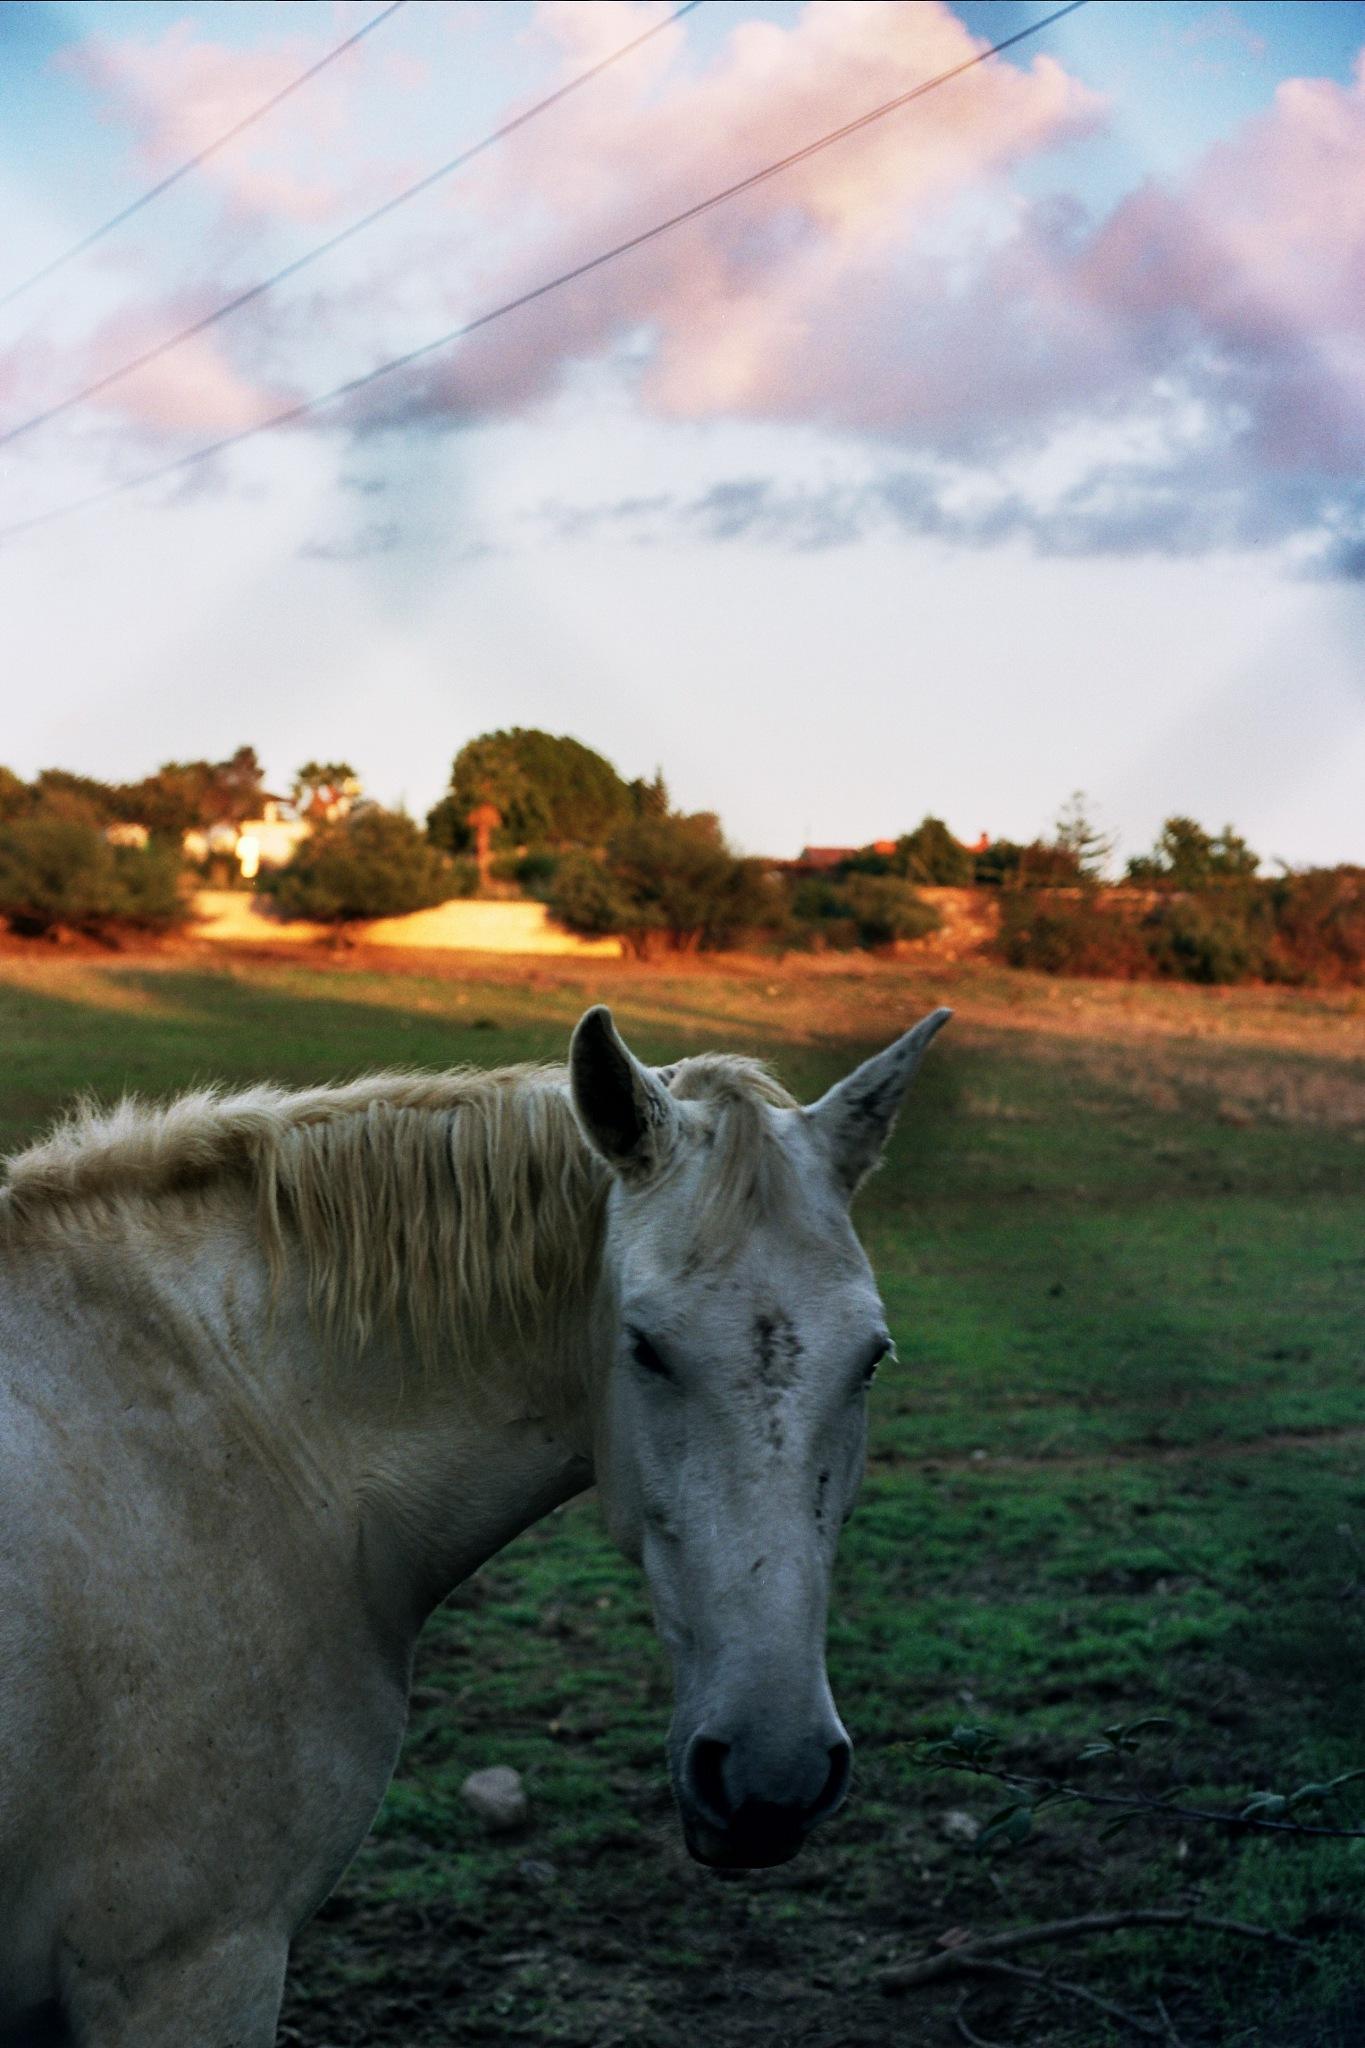 Horse by Jorge Eduardo Gordillo Santos